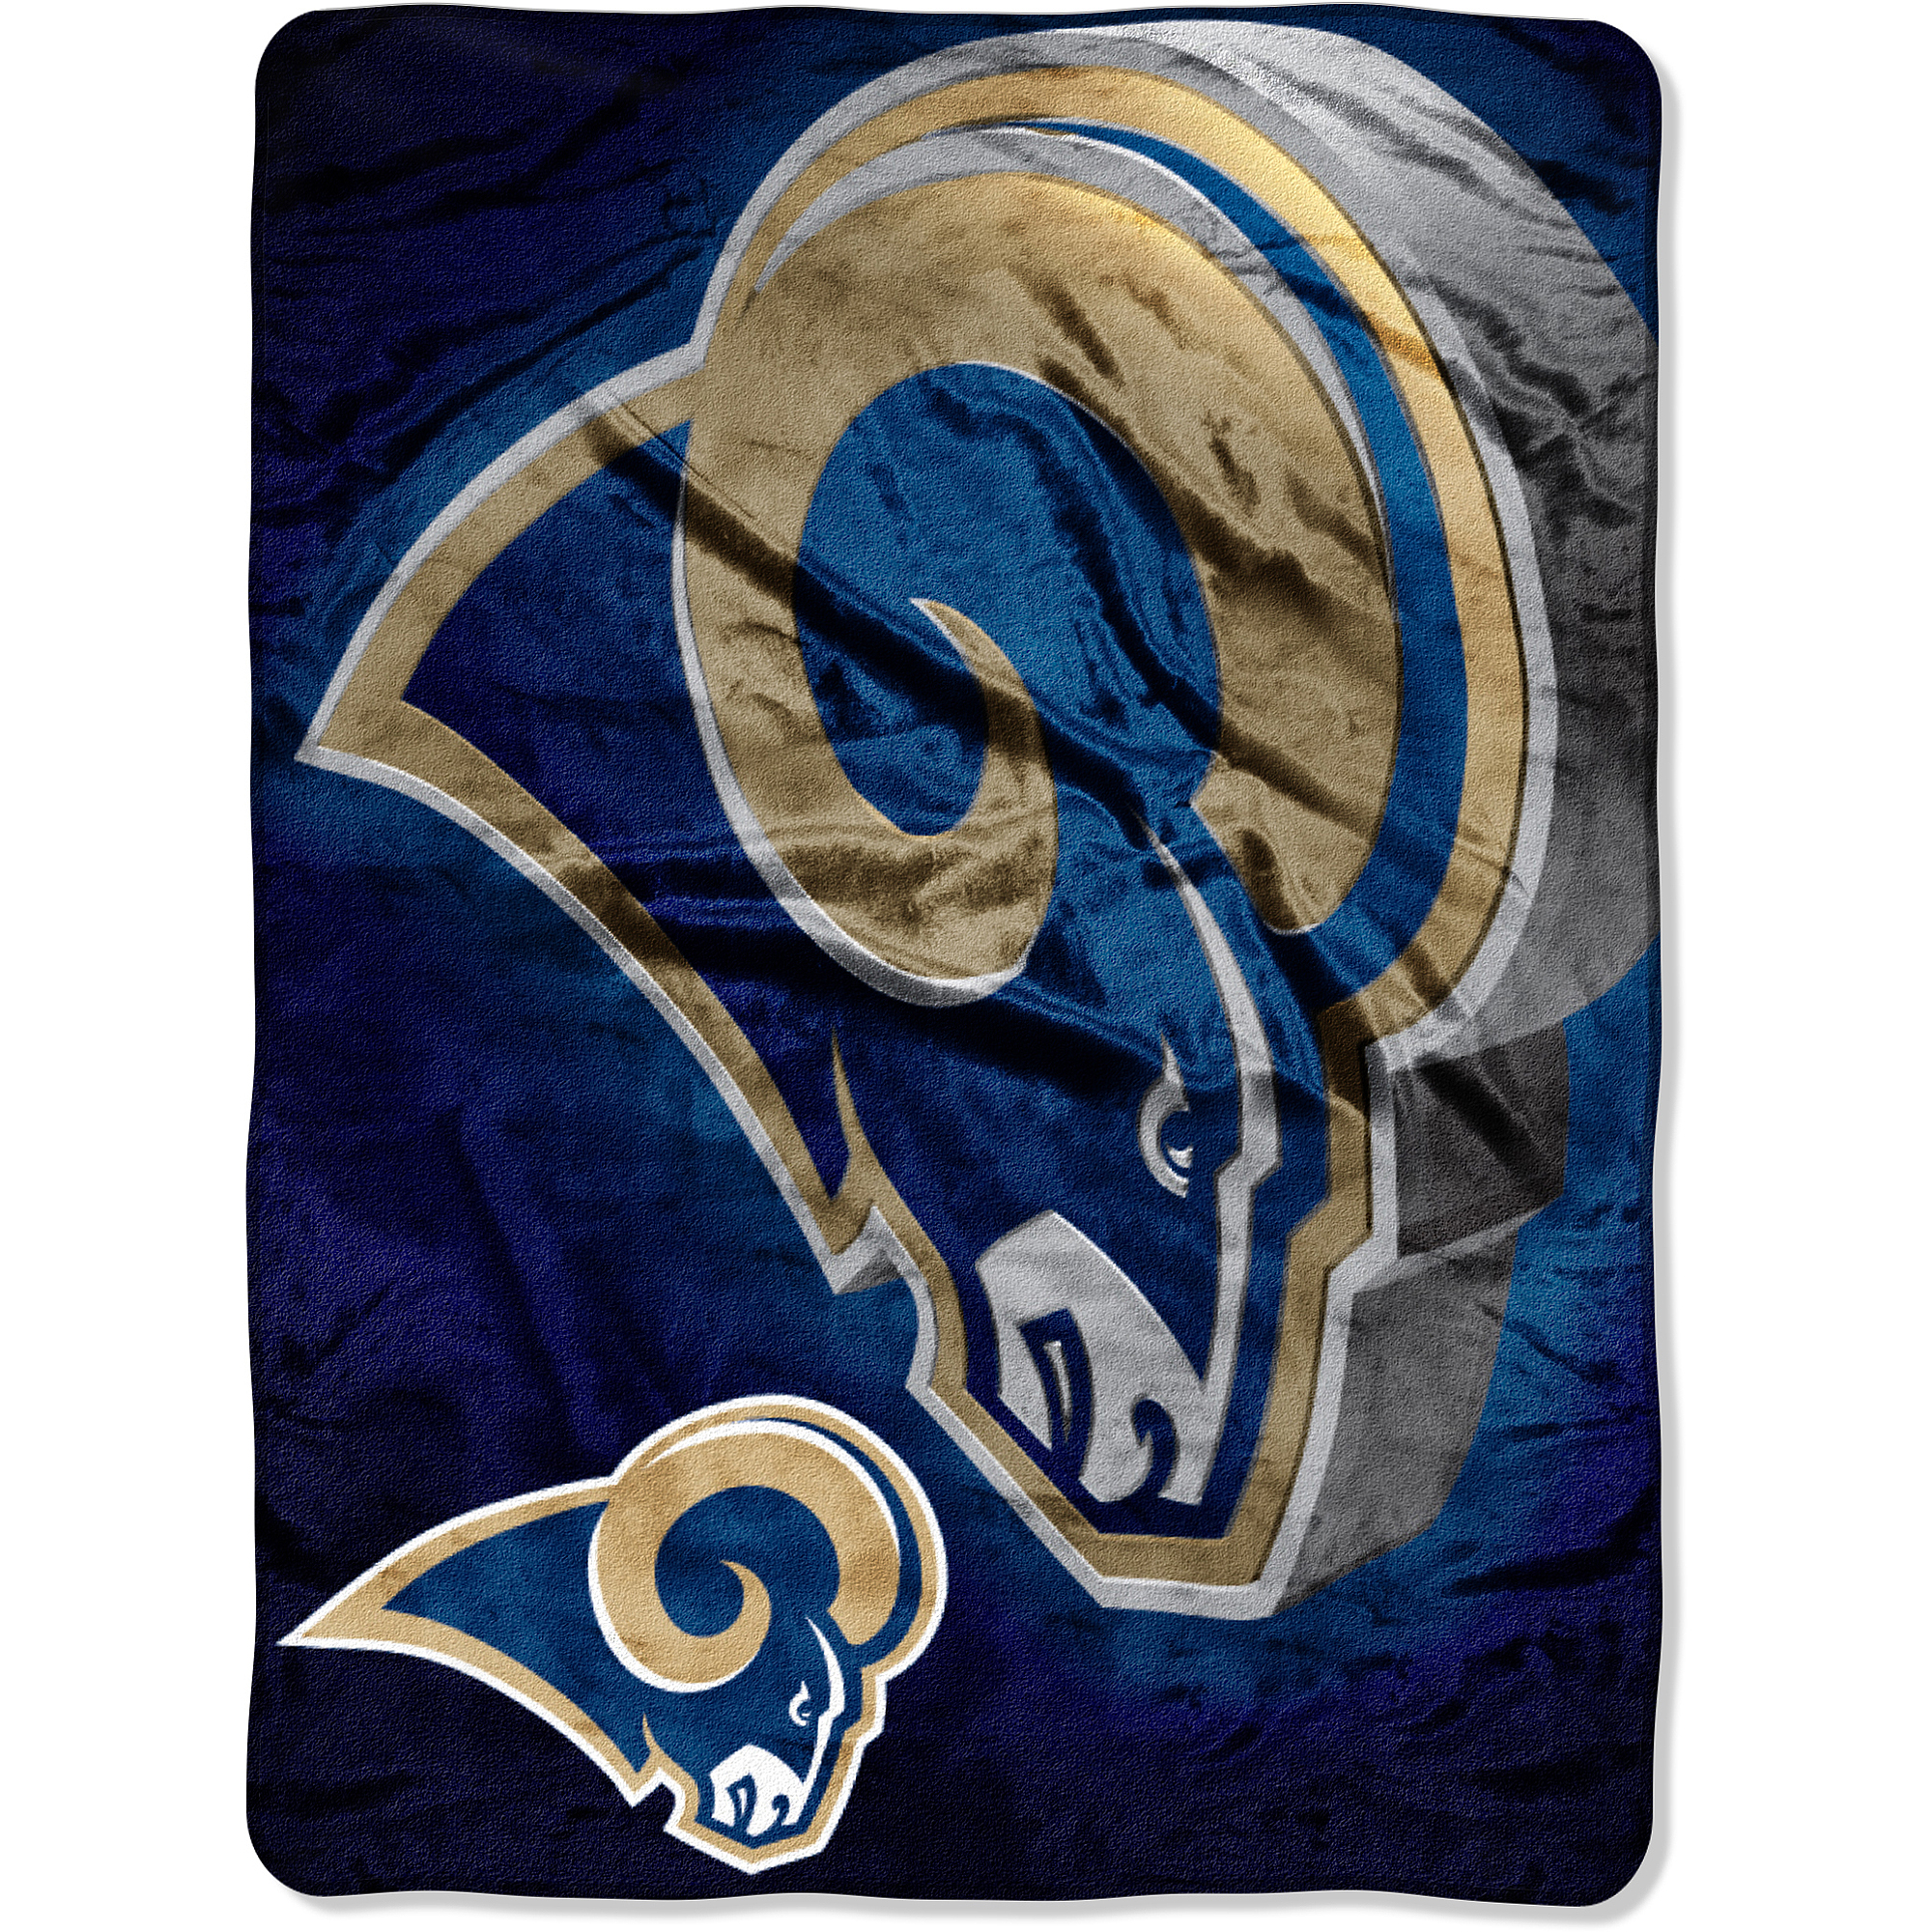 NFL Rams 60x80 Micro Raschel Blanket